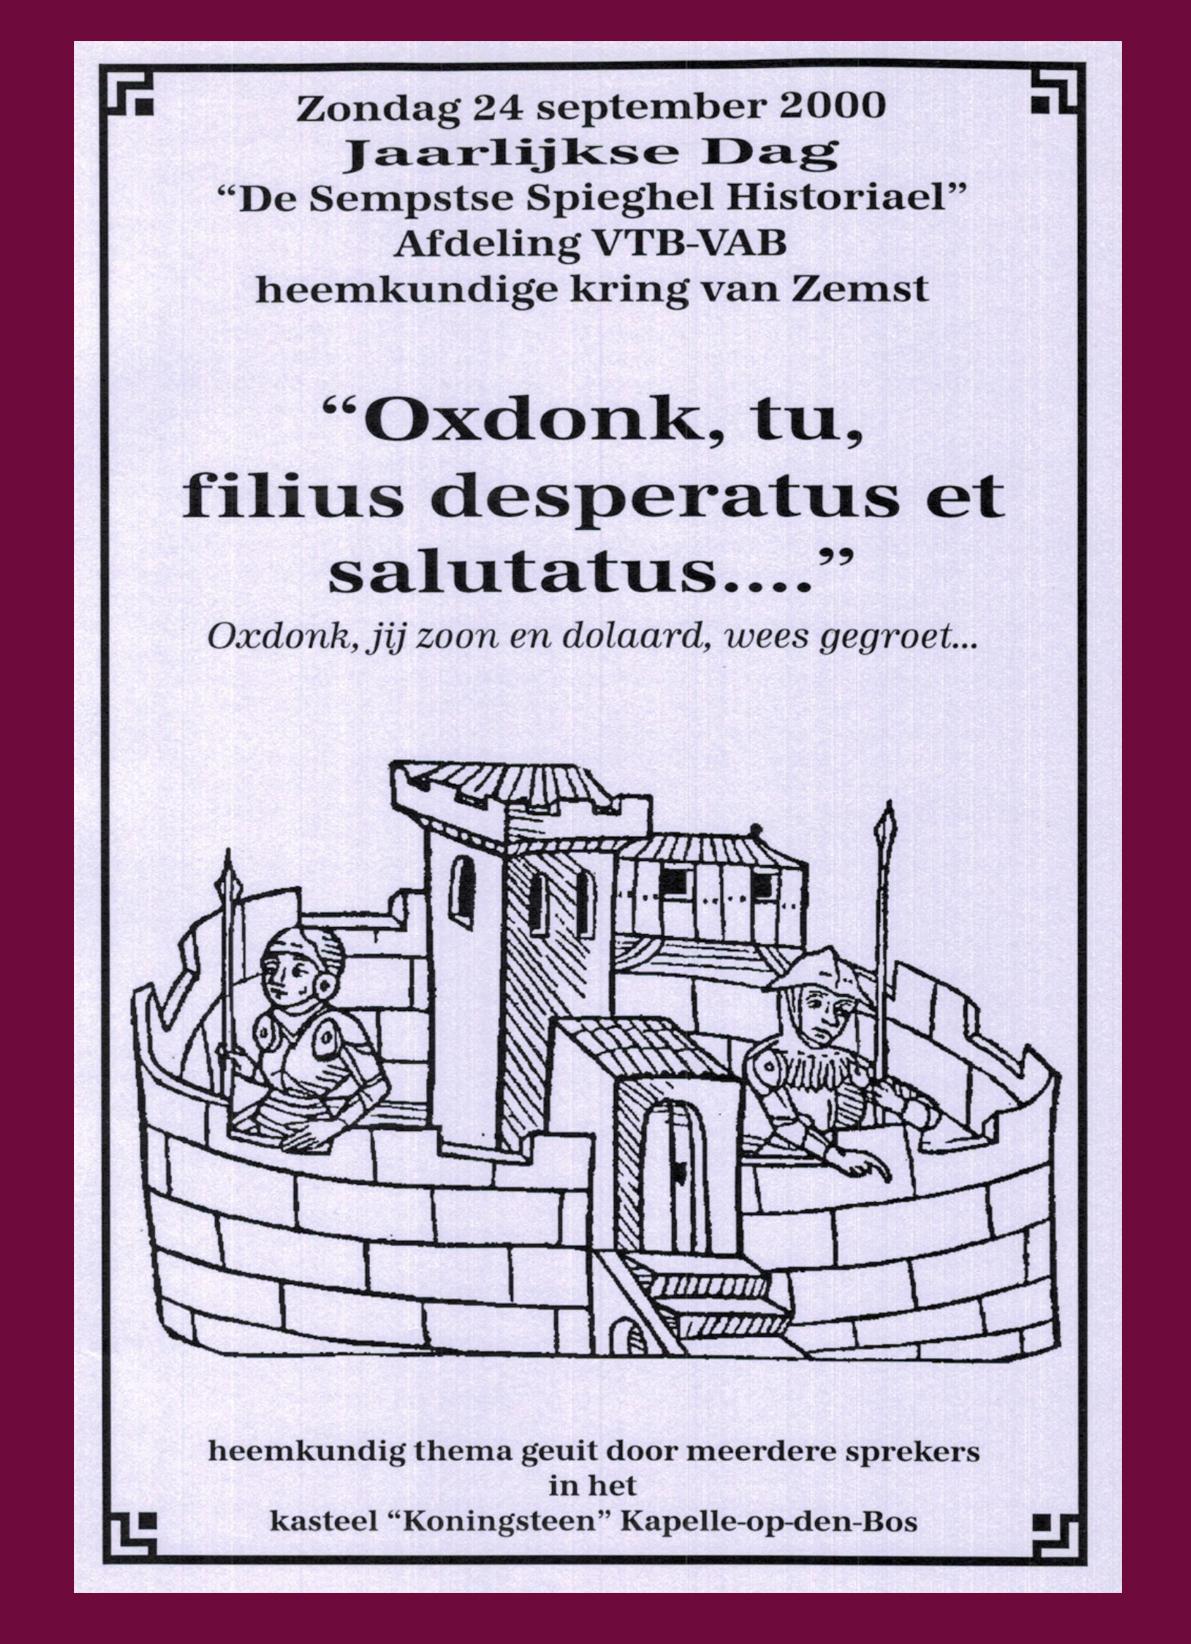 oxdonk